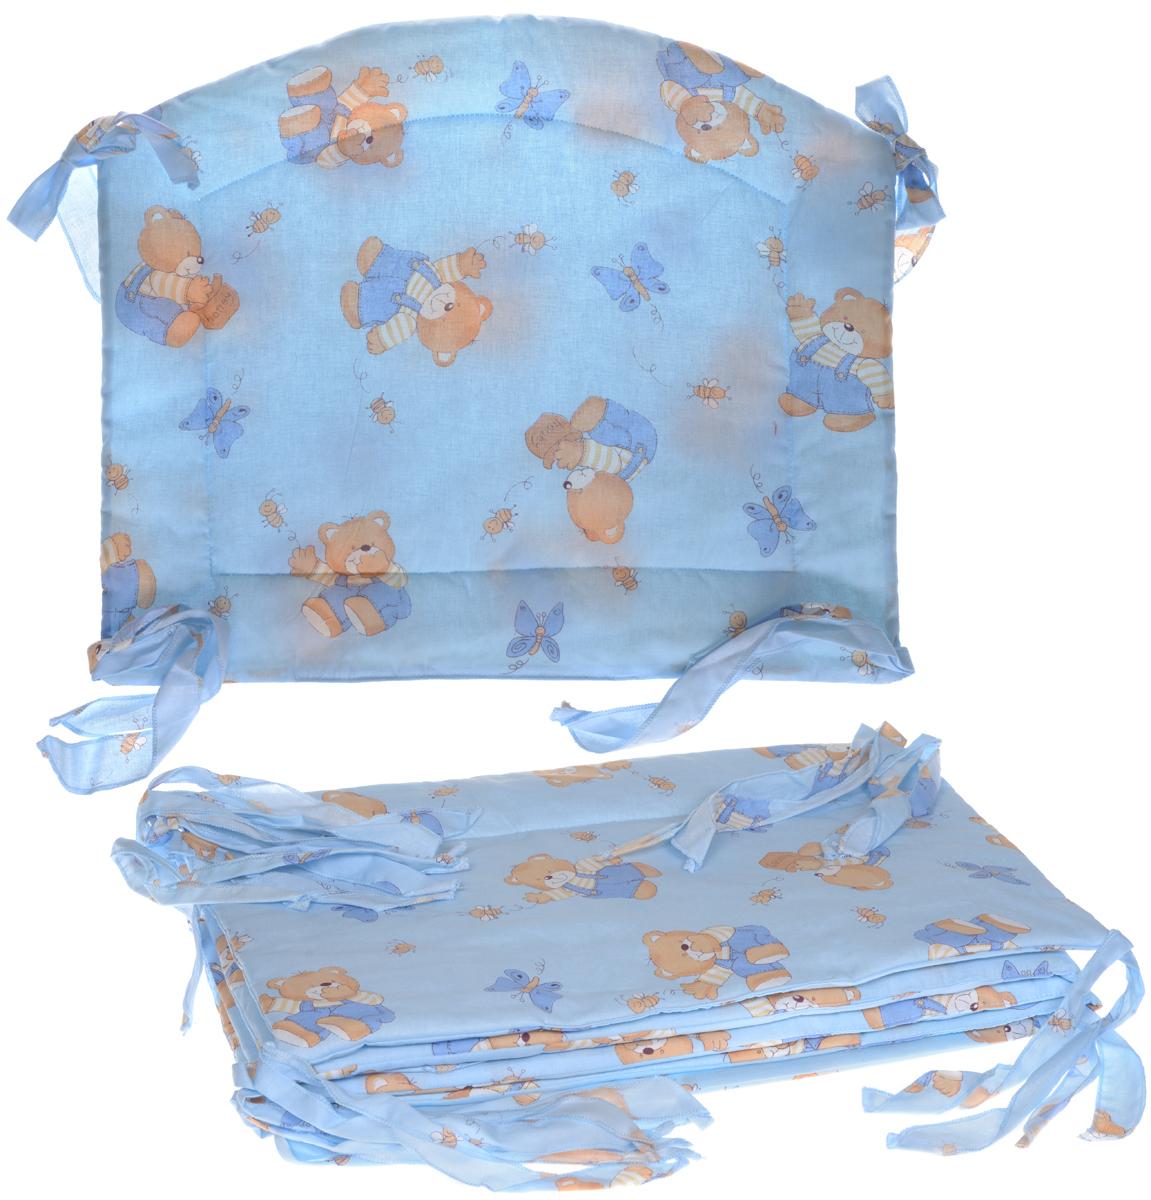 Фея Борт комбинированный 405 Мишка цвет голубой1045_голубойКомбинированный бортик в кроватку Фея выполнен из высококачественных материалов. Бортик защитит малыша от сквозняков, а когда ребенок подрастет и начнет вставать самостоятельно  от ударов при возможных падениях. Малыш с удовольствием будет разглядывать забавные рисунки, красочный бортик в кроватку выполняет эстетическую функцию, делая внешний вид кроватки еще прекраснее. Бортик обеспечит изолированность и уют внутри кроватки для малыша во время его отдыха. В комплект входят 2 борта размером 118 см х 39 см, и по одному борту размером 62 см х 38,5 см и 62 см х 48 см. Общая длина борта: 360 см.